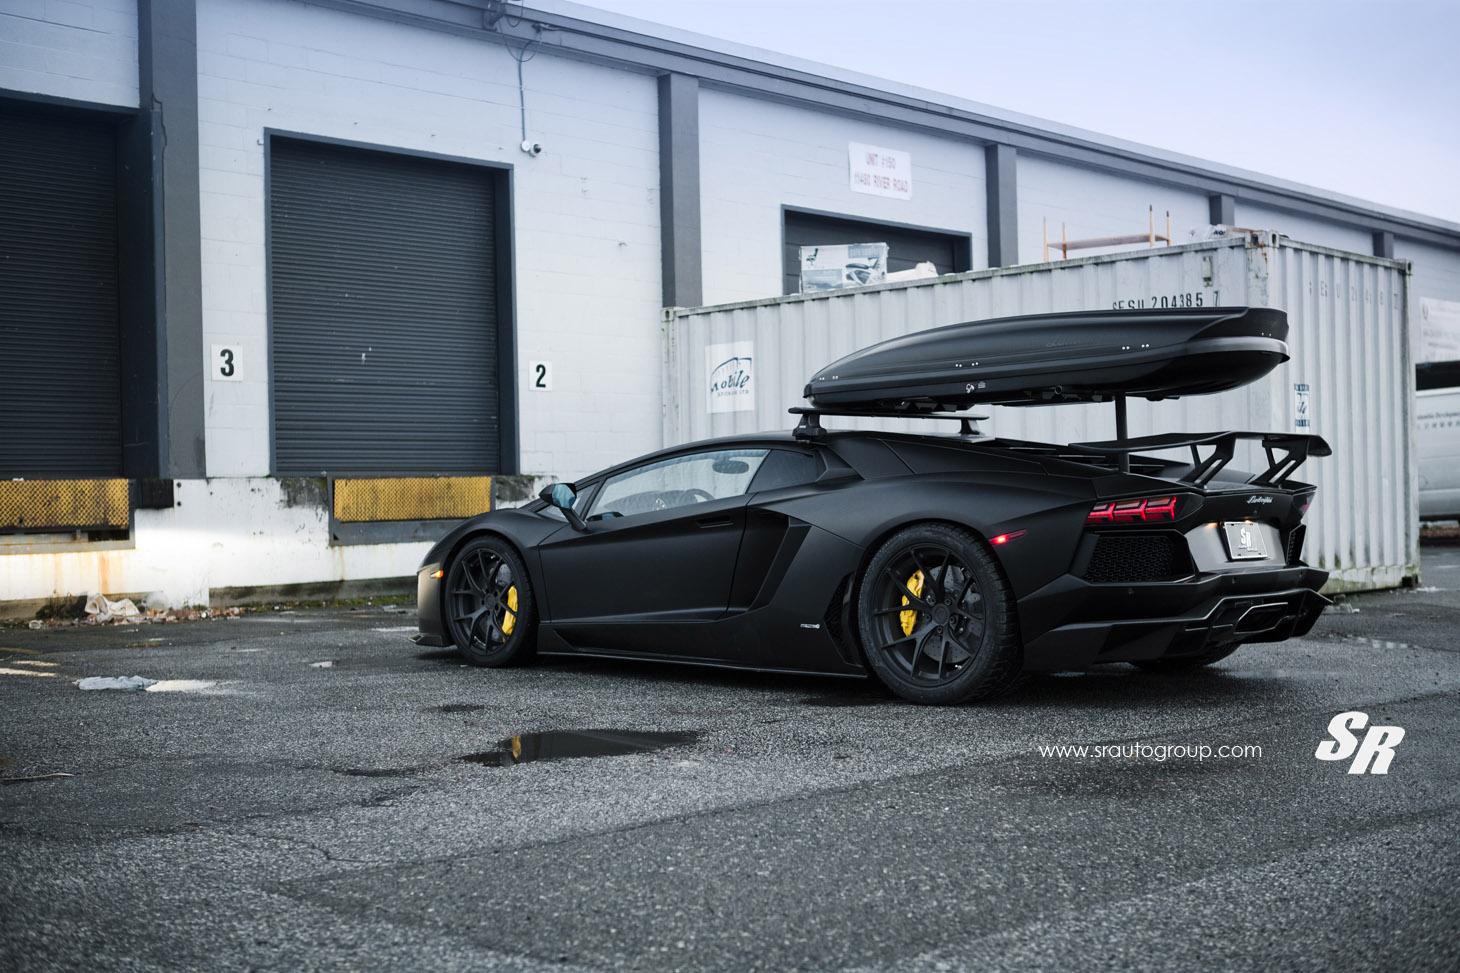 Lamborghini Aventador Lp700 Converted To Winter Edition